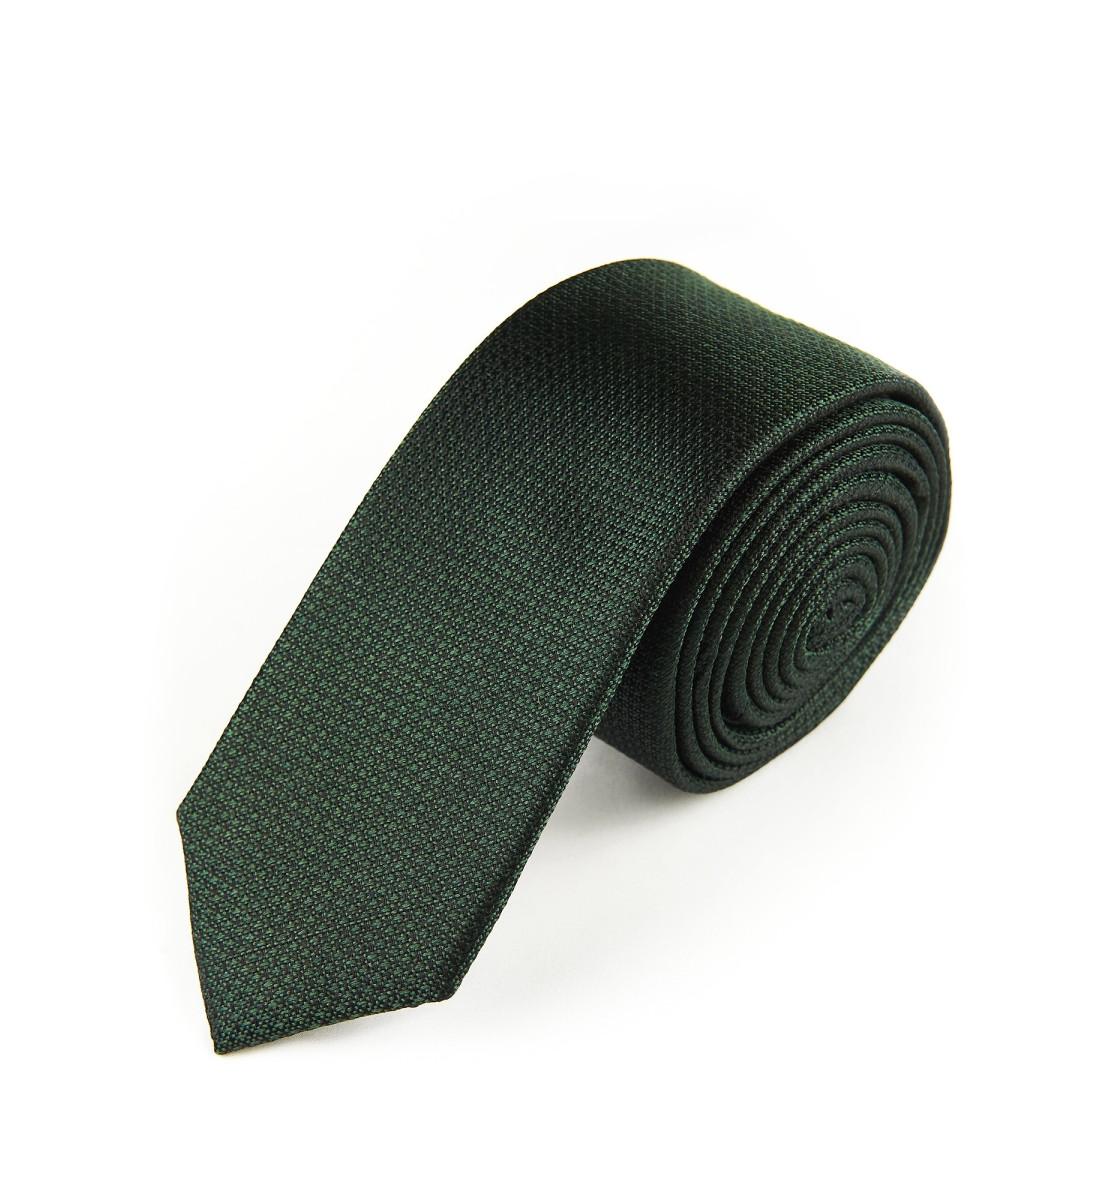 Cravate fine soie nattée VERT